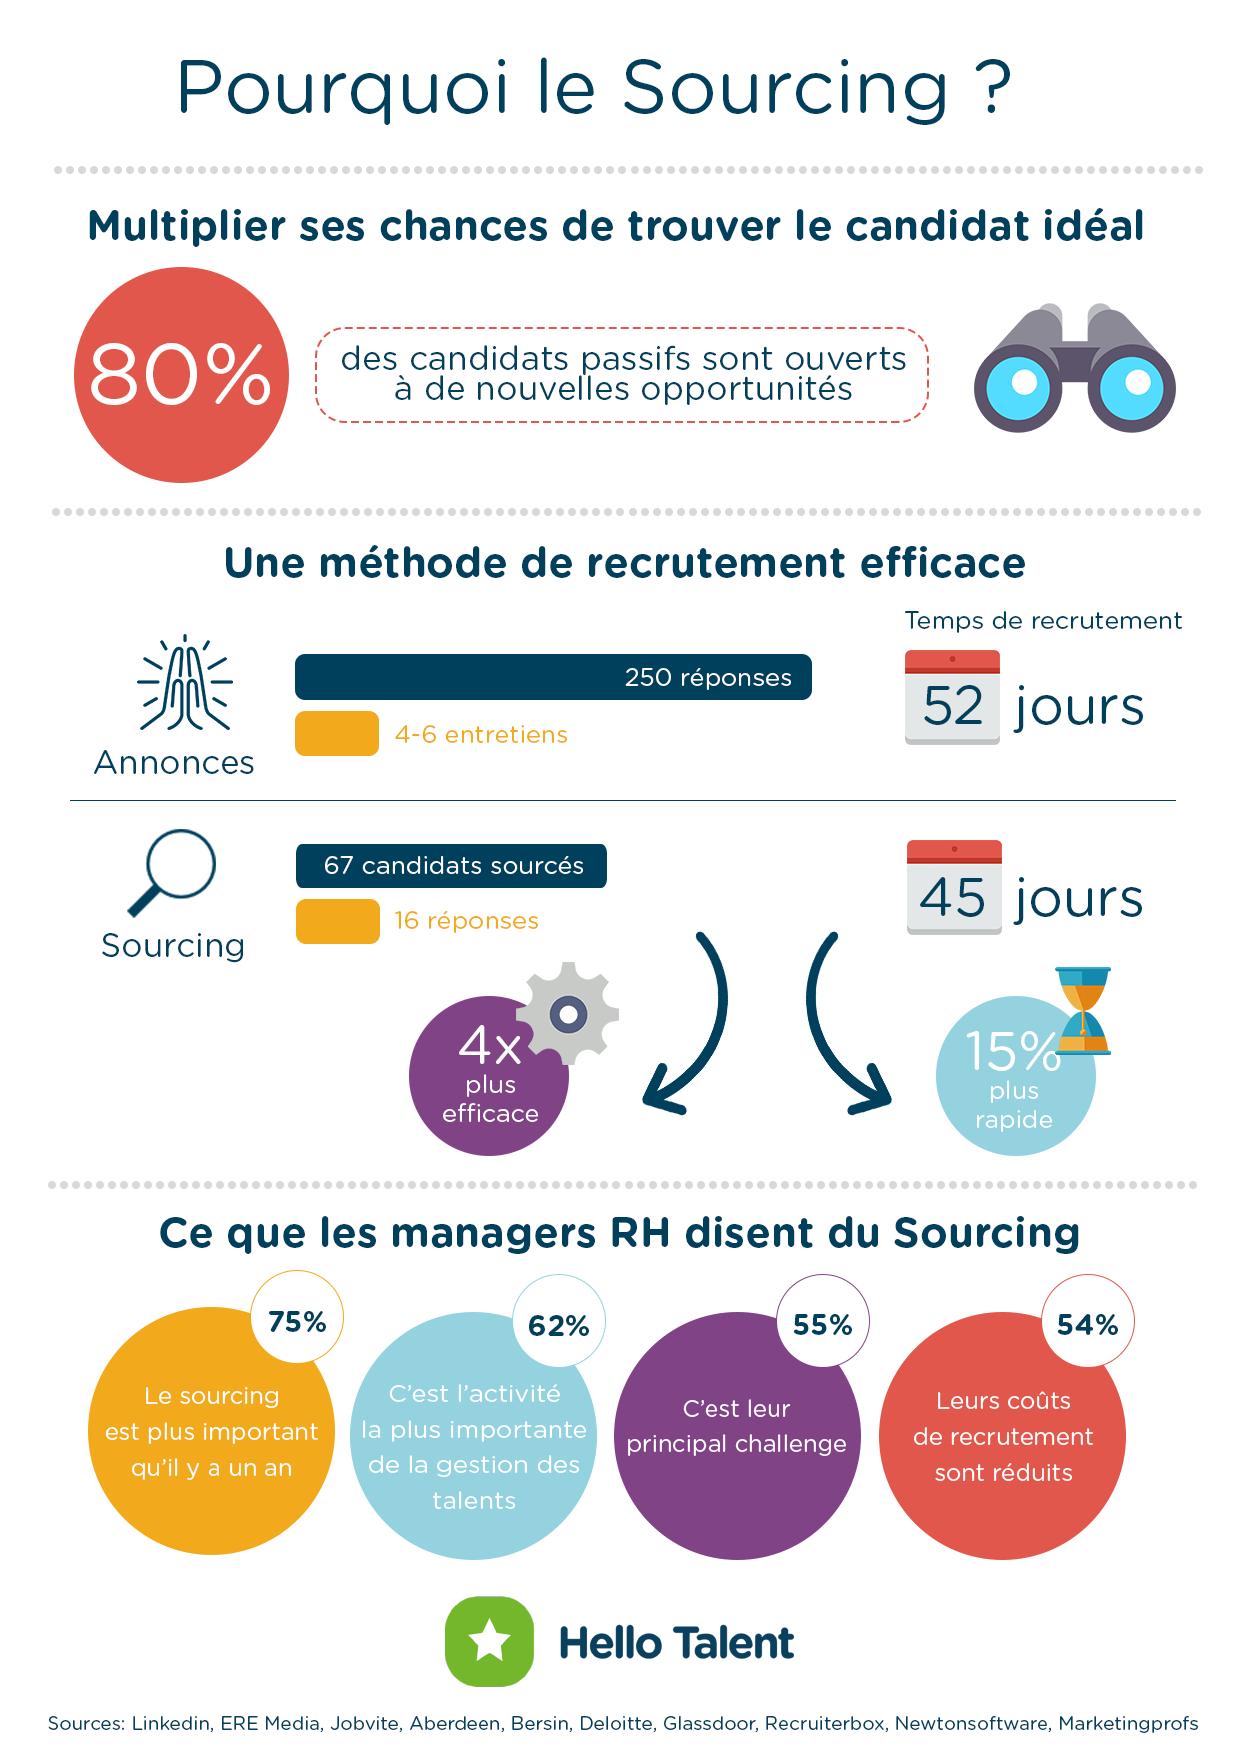 Pourquoi le sourcing recrutement- Infographie Hello Talent